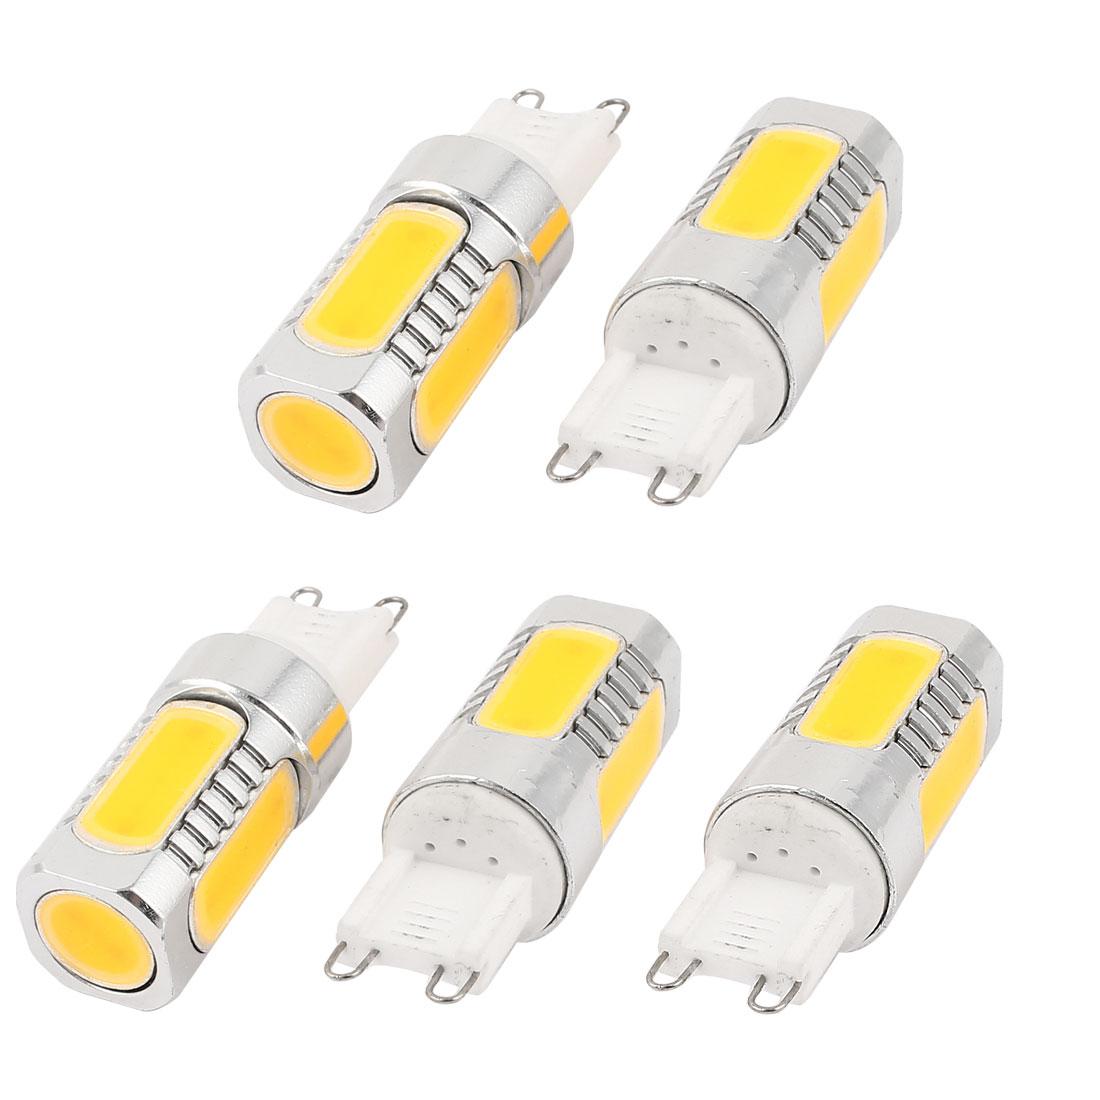 5 Pcs Energy Saving G9 6D 7.5W 5 COB LED Bulb Lamp Light Warm White AC95-265V